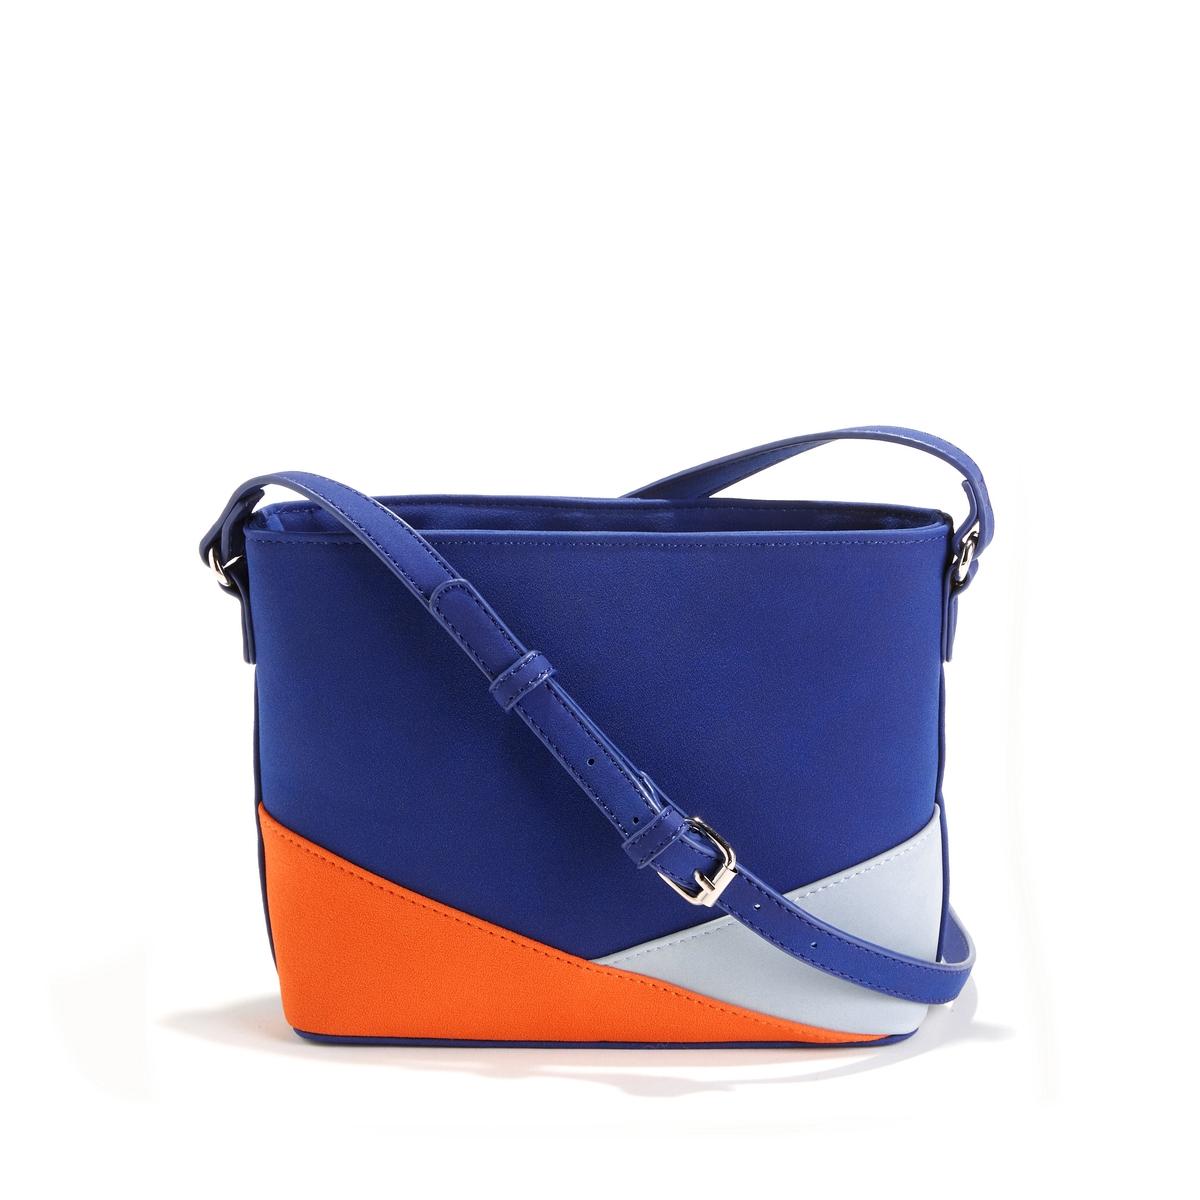 Сумка трехцветнаяОписание:Компактная и удобная сумка с соблазнительными цветными складками, придающими ей особенную оригинальность : идеально подчеркнет ваш стильный образ  !Состав и описание : •  Внешний материал : 100% полиуретан •  Подкладка : 100% полиэстер •  Размер  : L25 x H17 x P8 см  •  Застежка : молния1 карман для телефона и 1 карман на молнии   Регулируемый плечевой ремень<br><br>Цвет: коралловый,синий/ оранжевый<br>Размер: единый размер